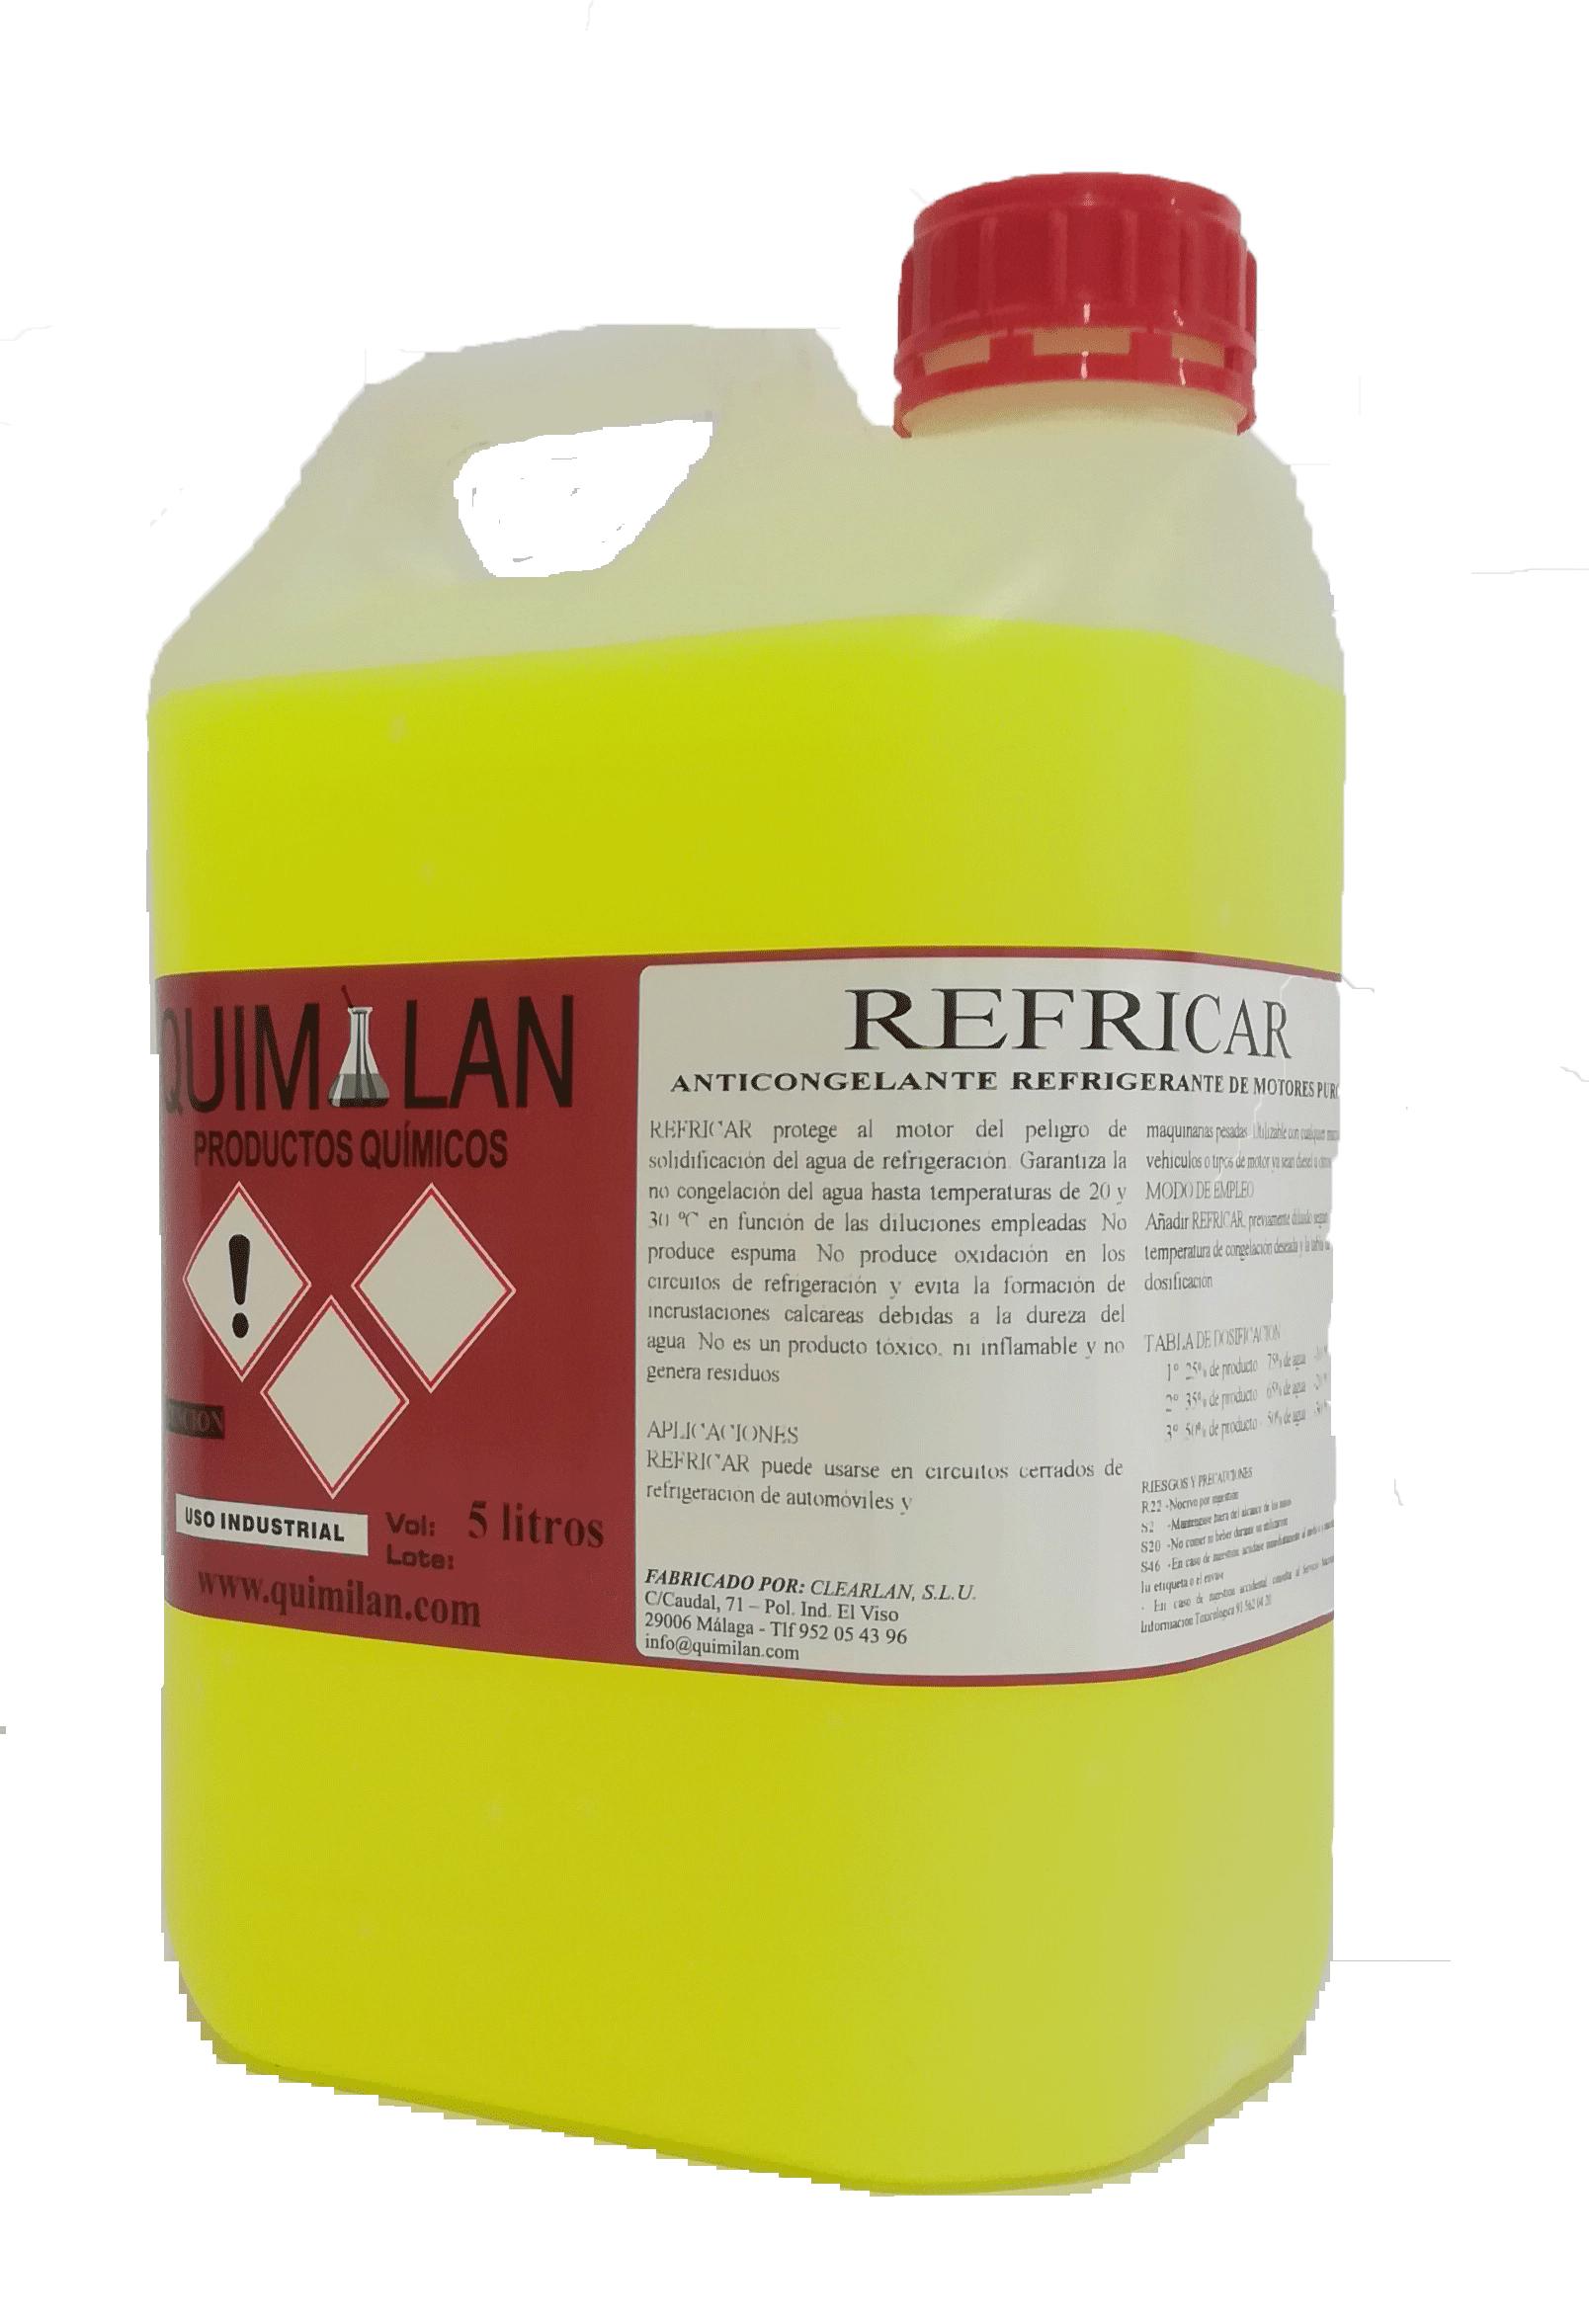 Productos Quimicos Limpieza Refricar Quimilan en Malaga